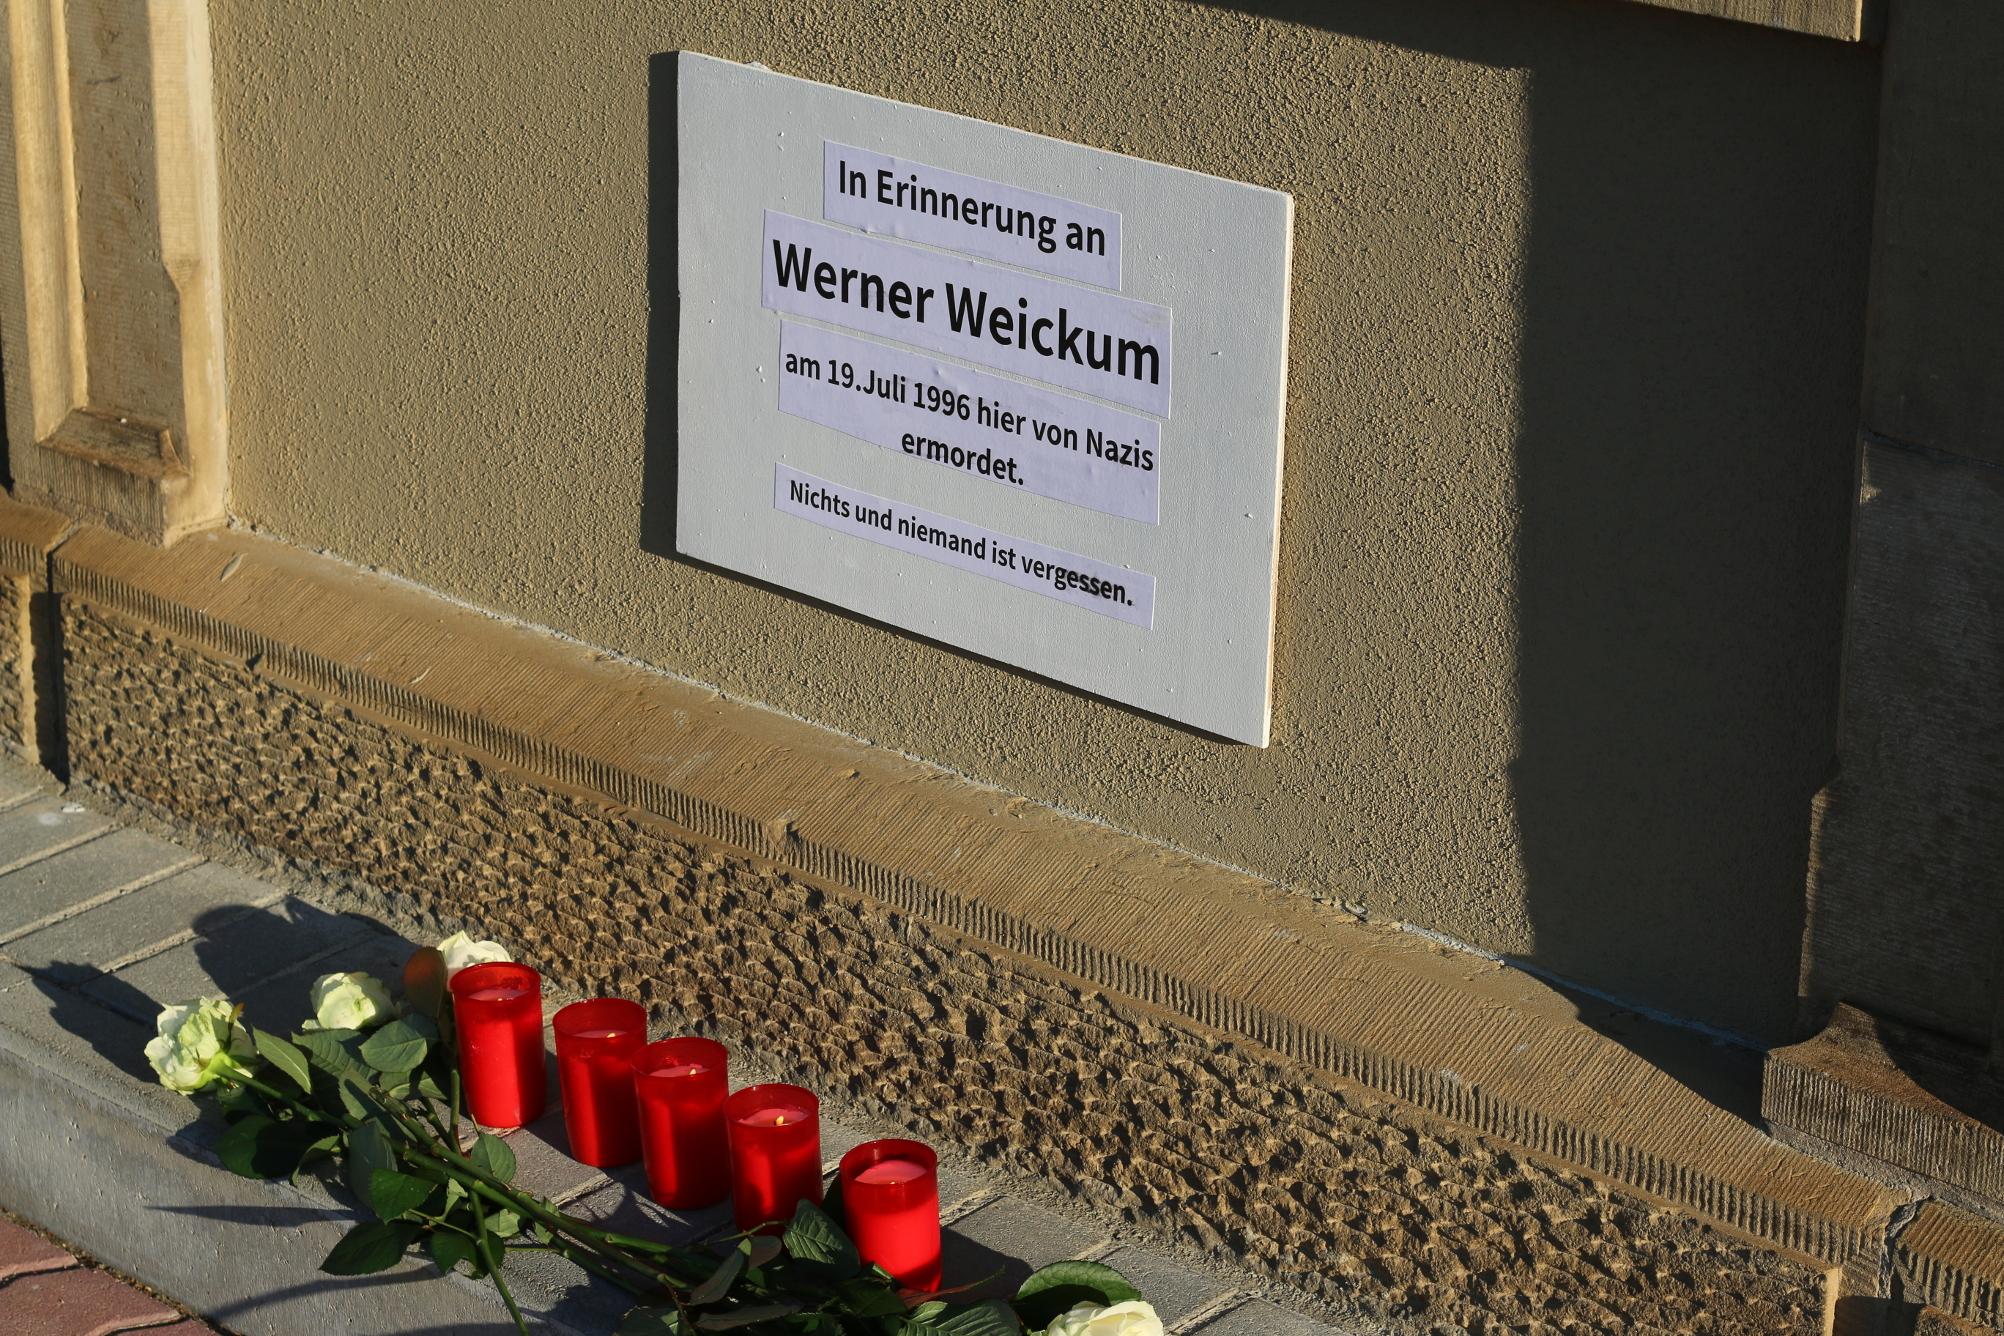 Weickum-Gedenken 2016